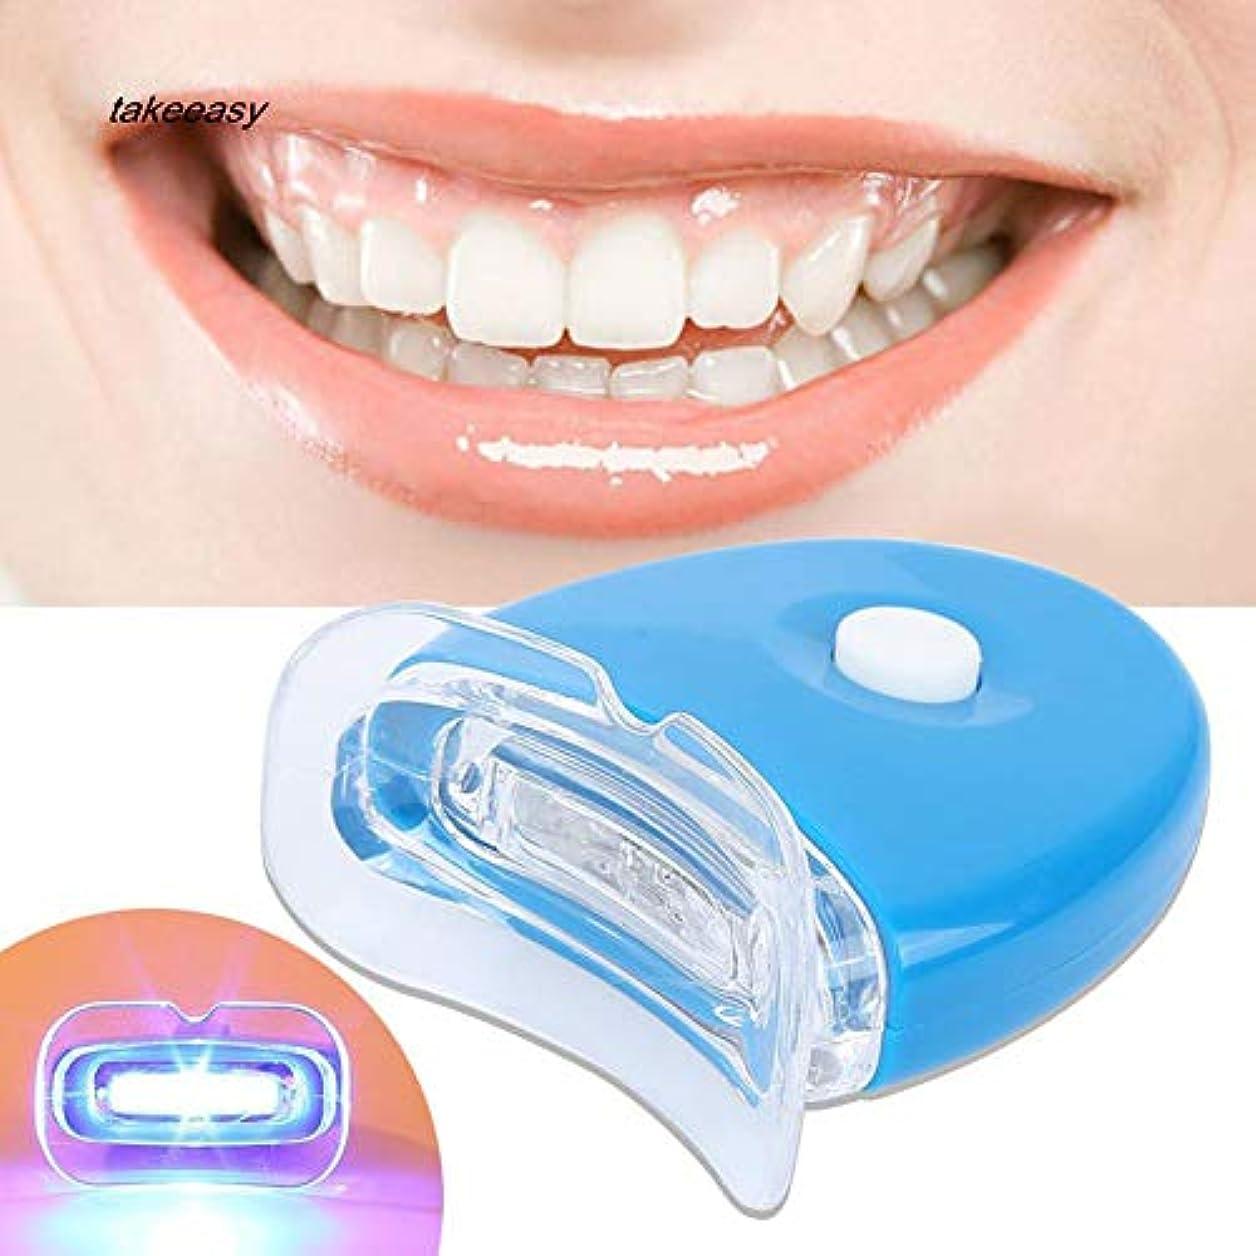 アクセサリー十分ですカップル歯ホワイトニング器 歯美白器 美歯器 ホワイトニング ホワイトナー ケア 歯の消しゴム 歯科機器 口腔ゲルキット ライト付き 歯を白くする